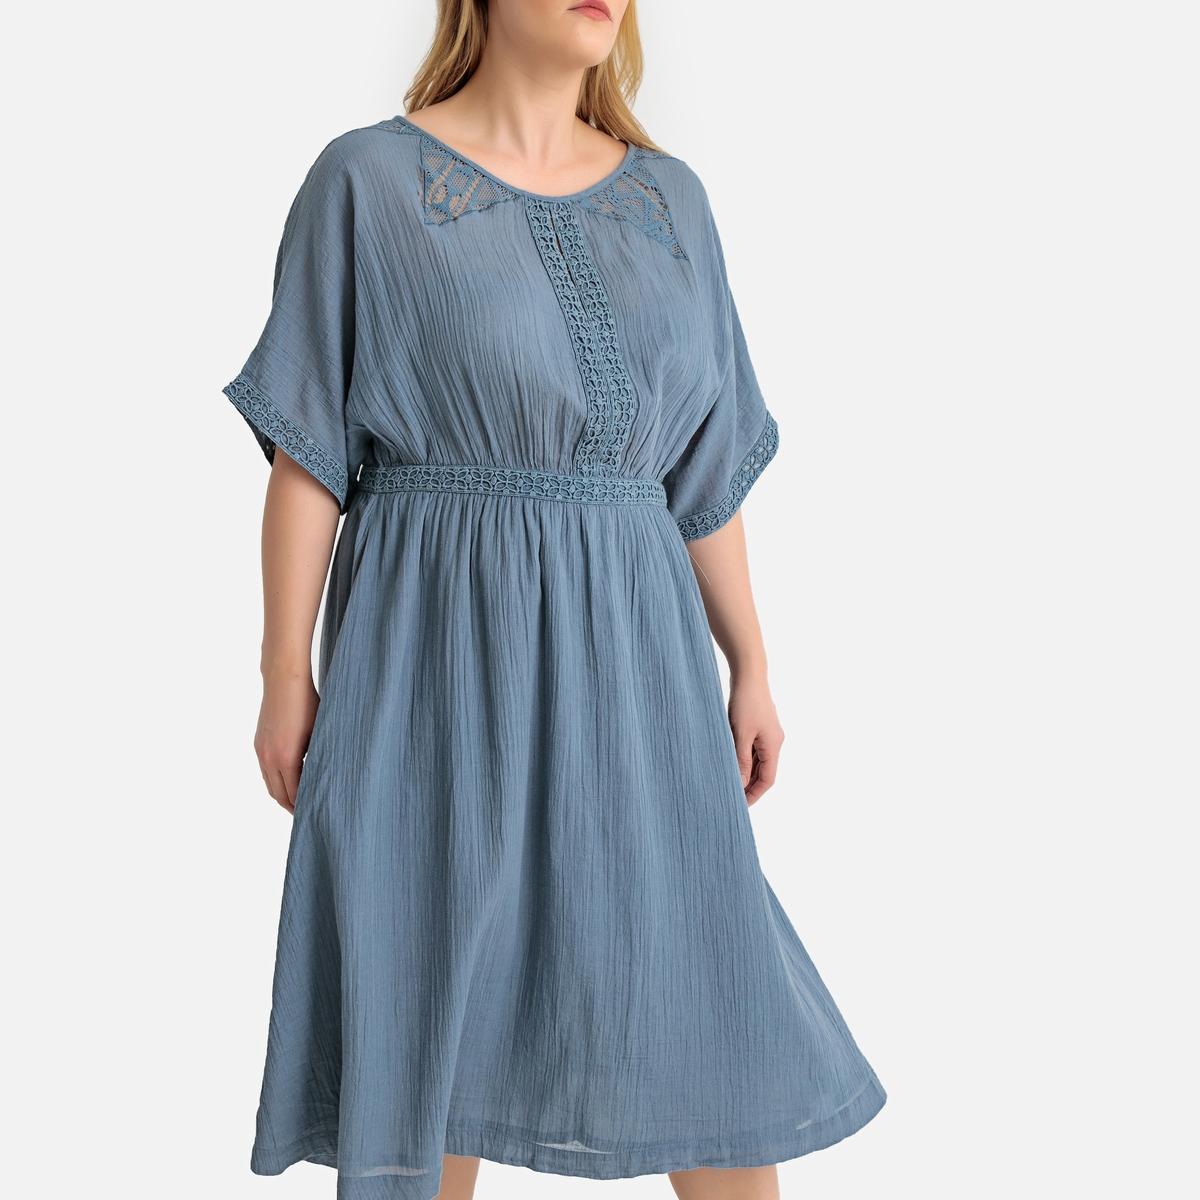 Vestido comprido e direito bordado, detalhes em renda